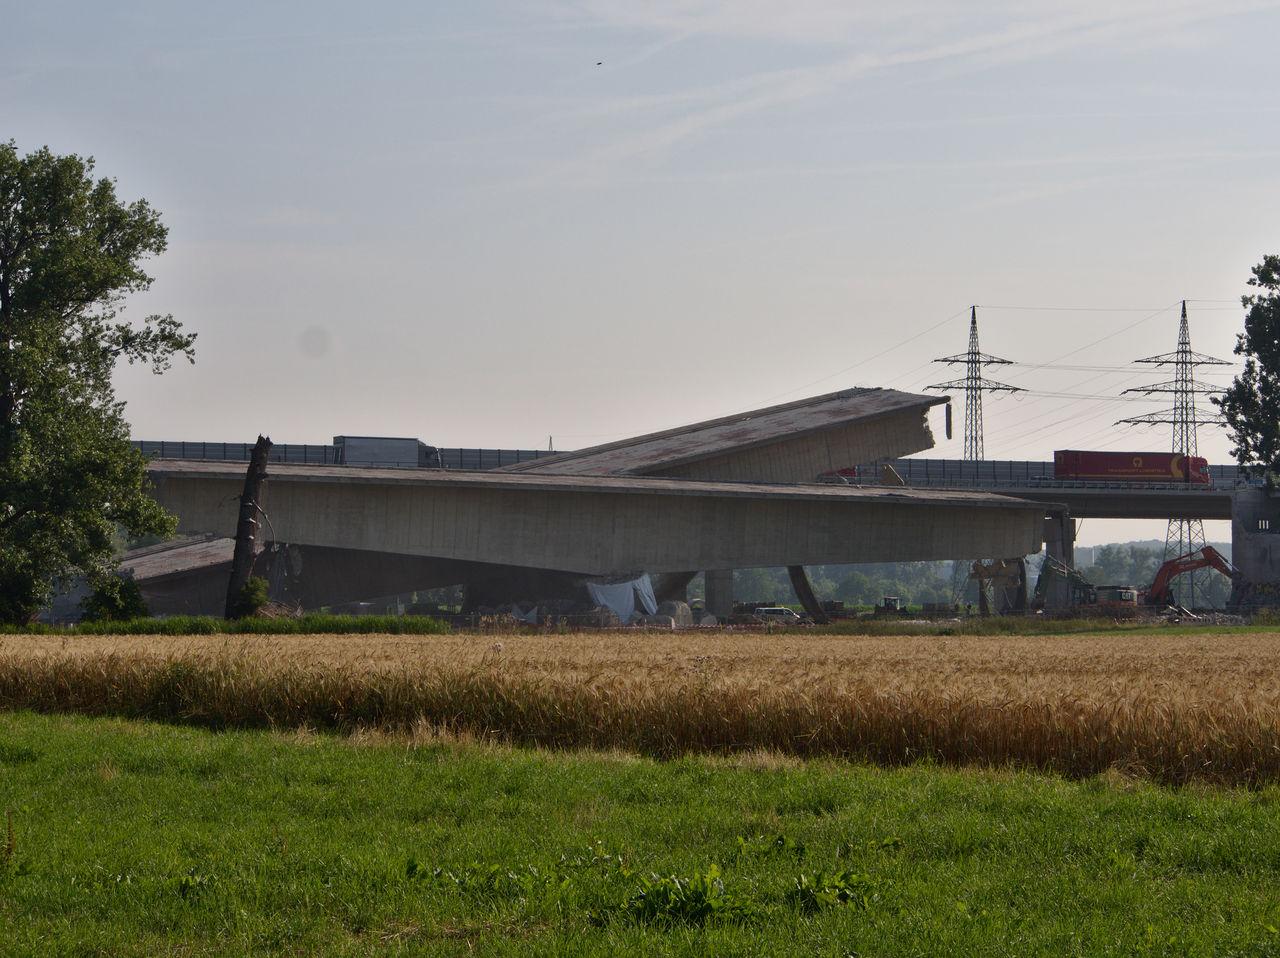 20190717_Autobahn_002